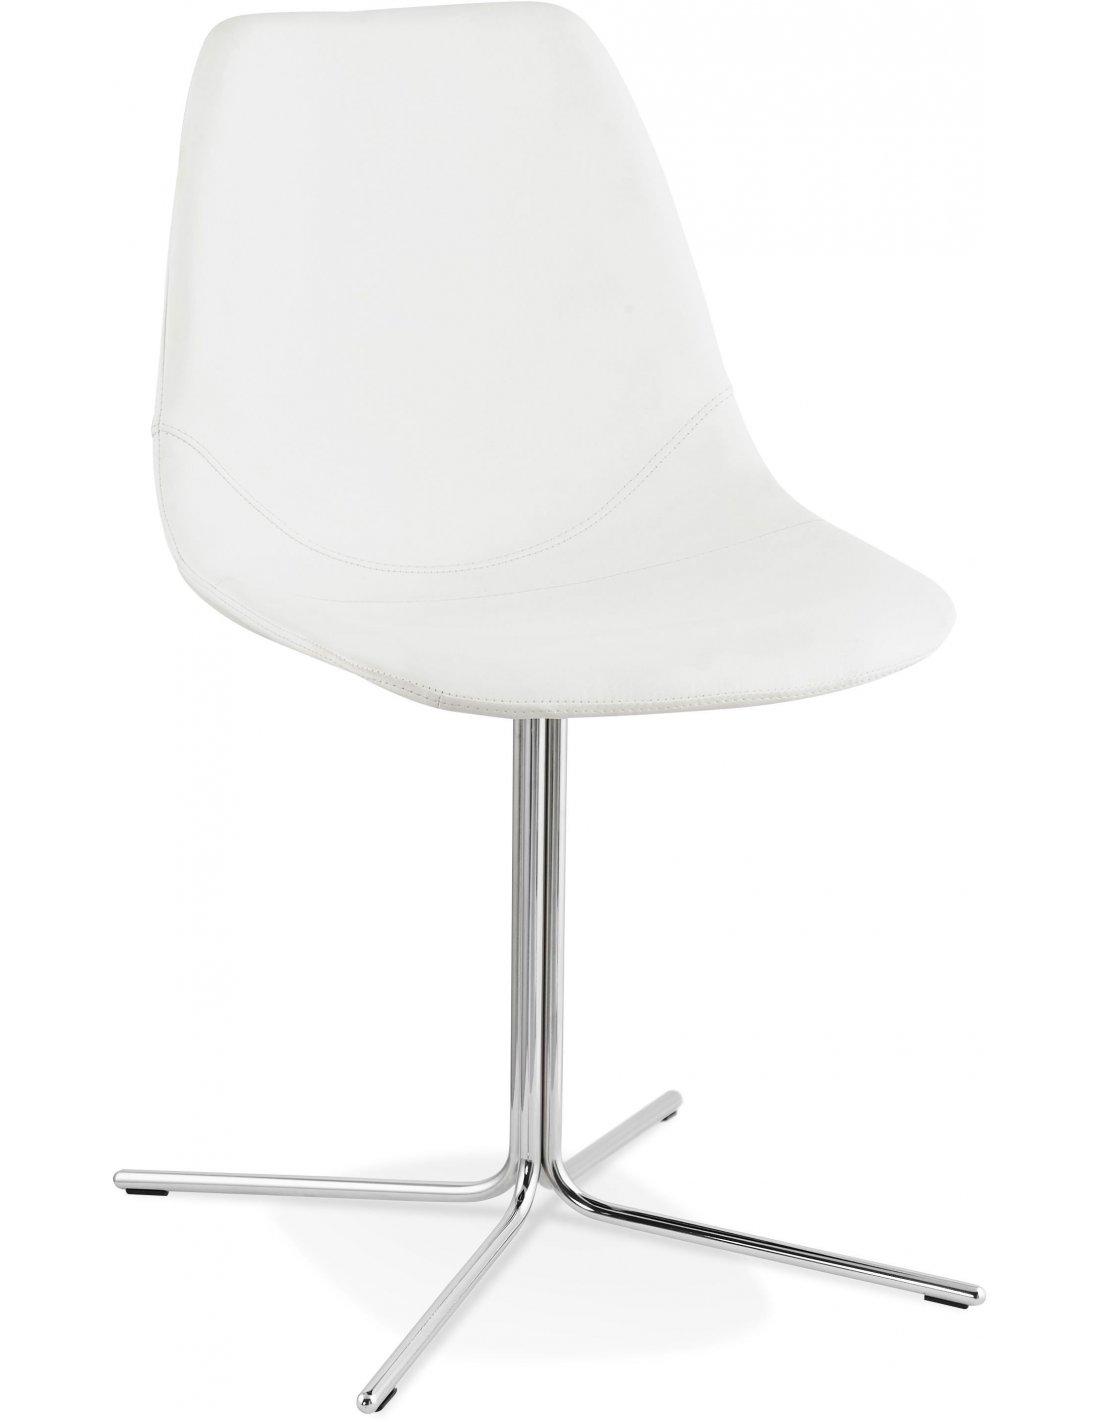 Chaise Simili Cuir Blanc Bedford Chaises De Cuisine Et Salle Manger Kokoon Design